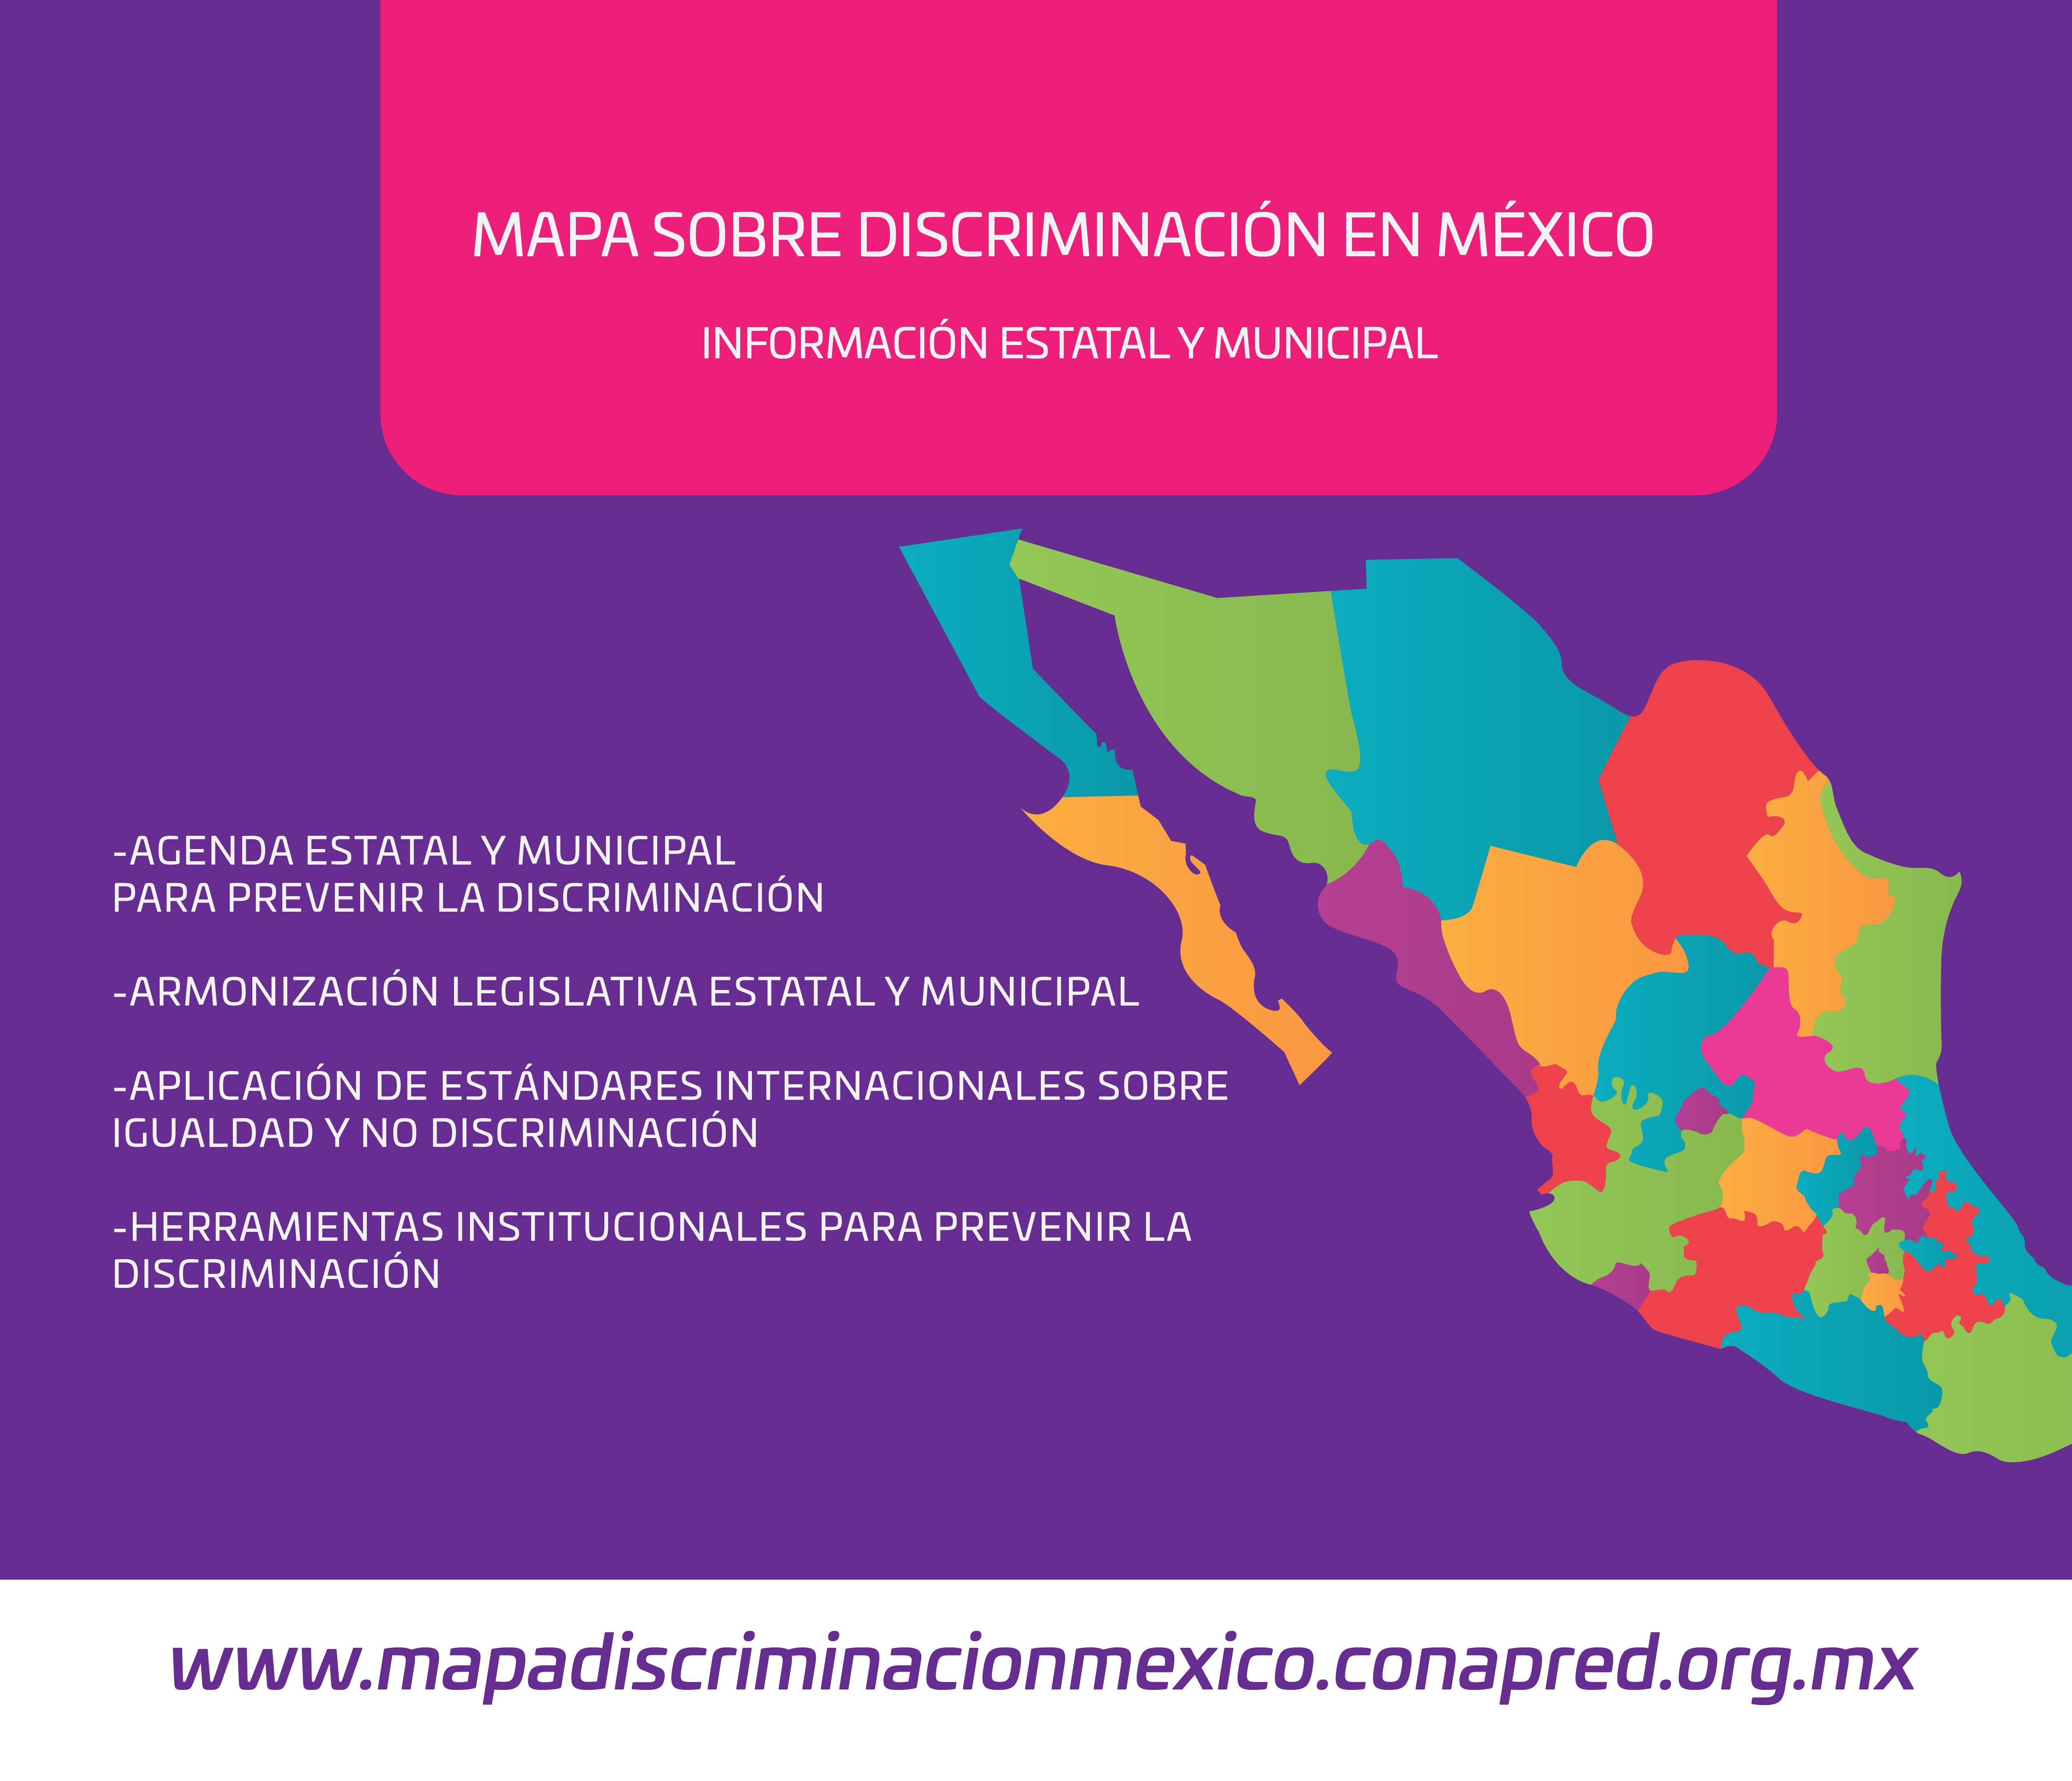 Mapa sobre la situación de la discriminación en los estados del país.